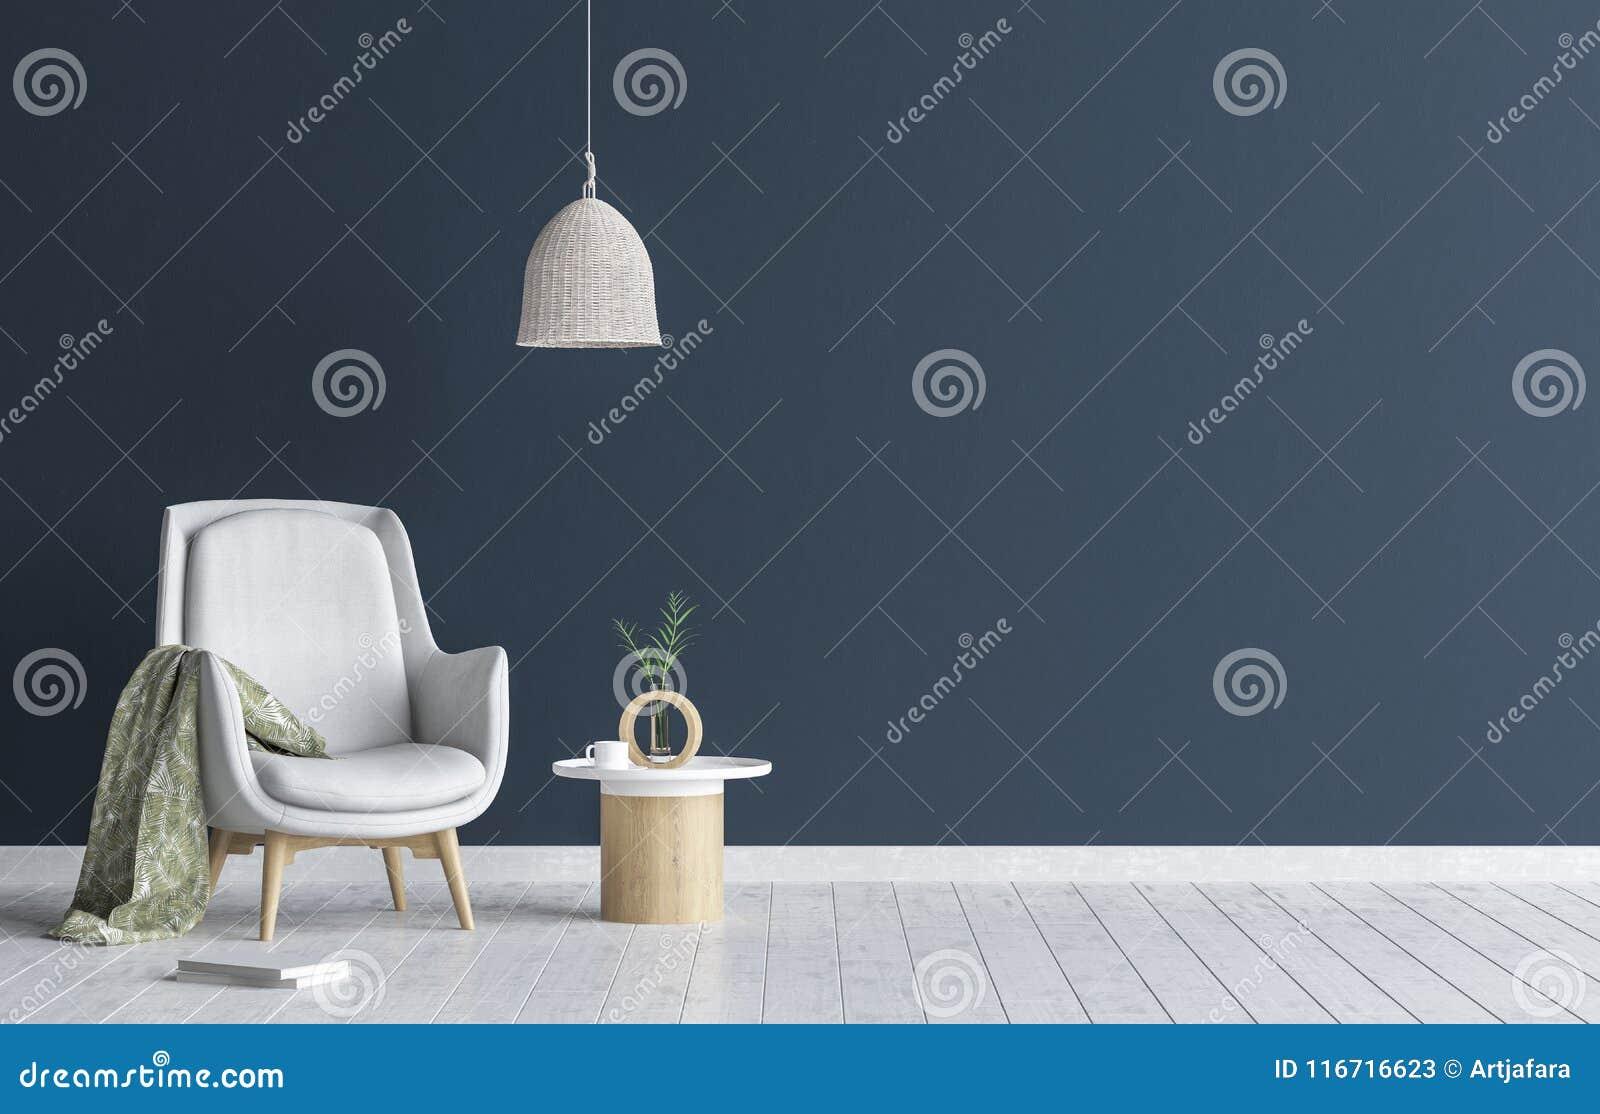 Chaise avec la lampe et la table basse dans le salon intérieur, moquerie bleu-foncé de mur vers le haut de fond